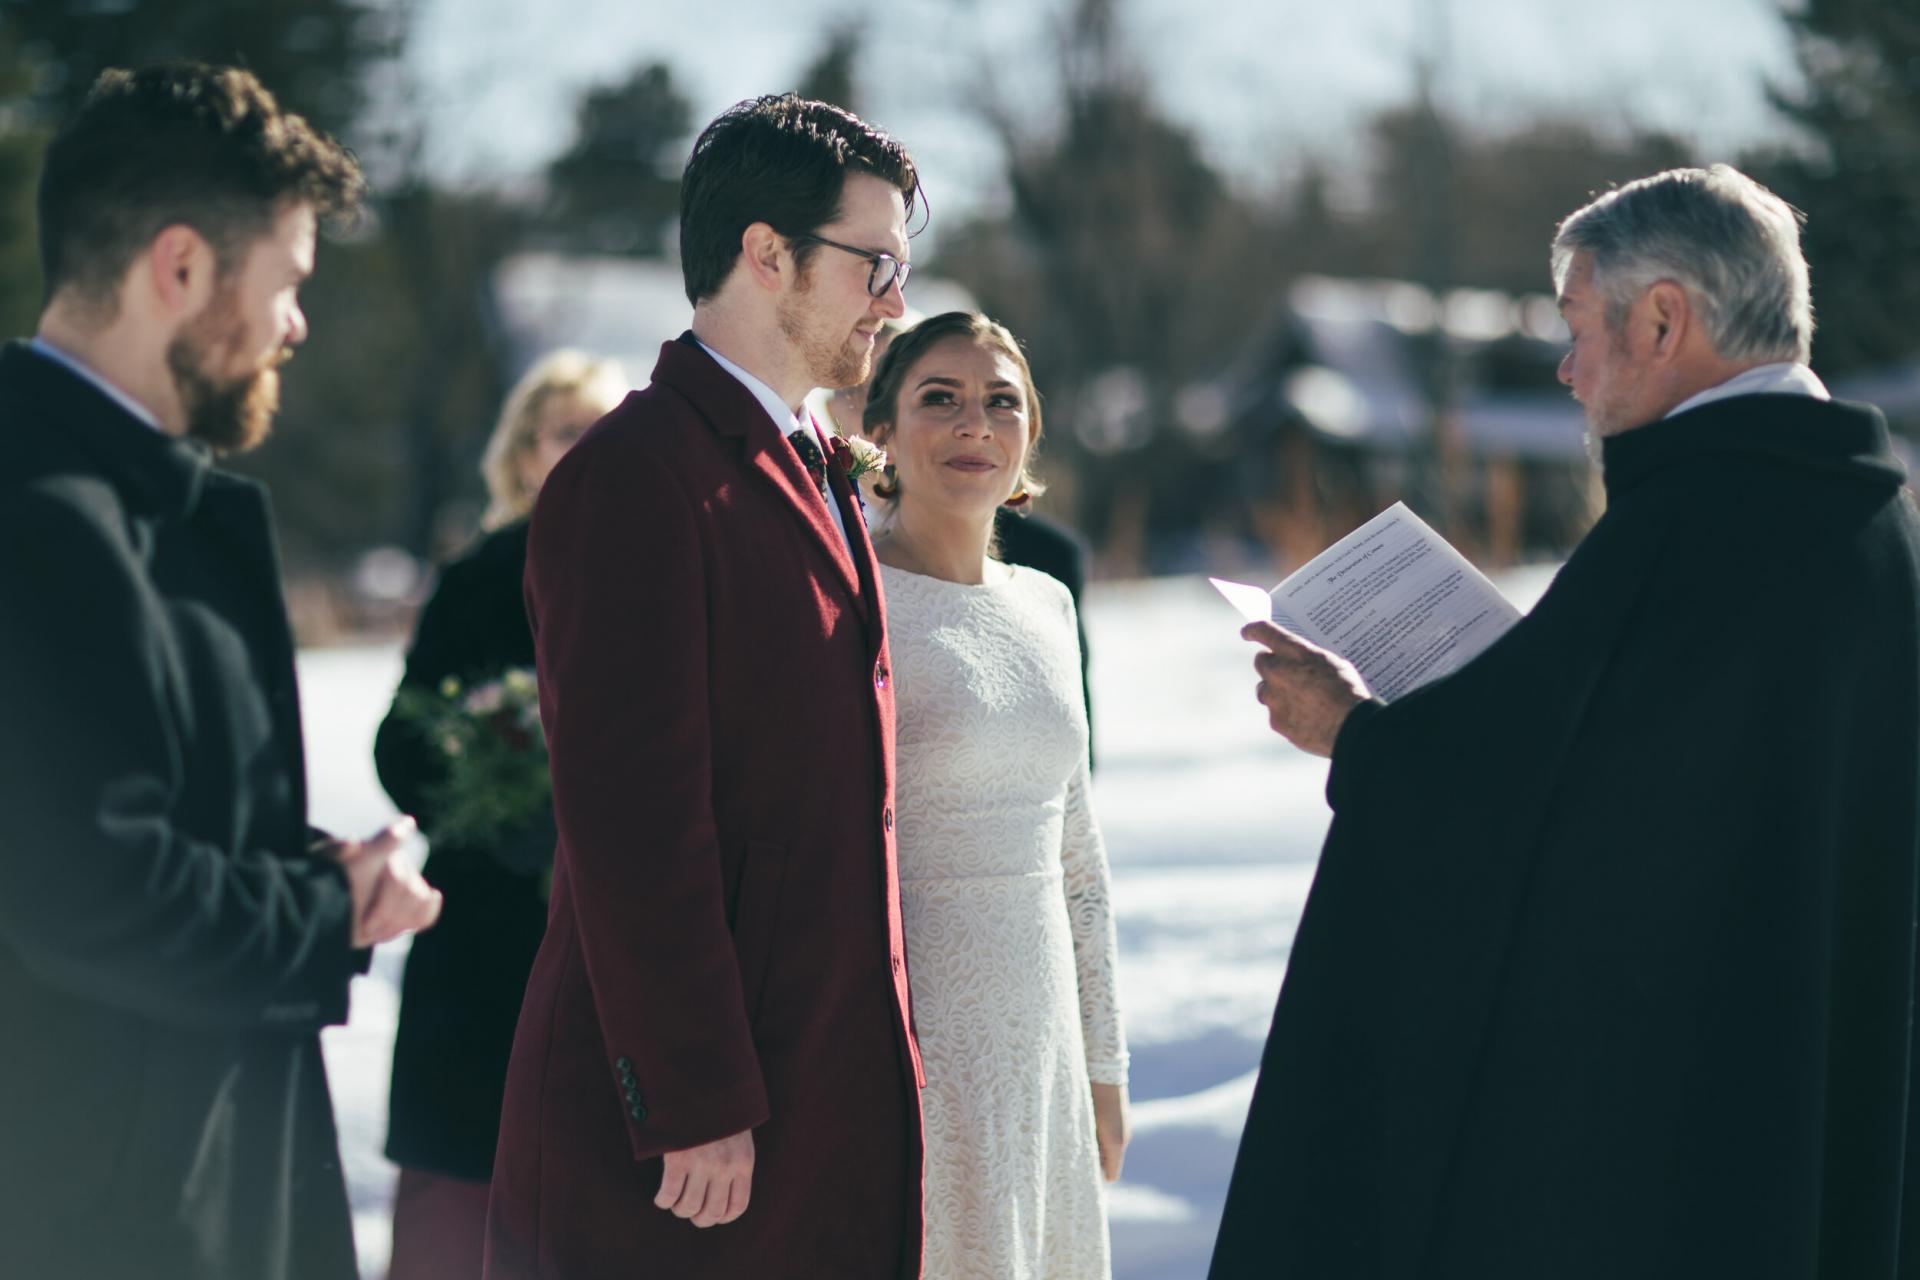 Boulder Winter Elopement Zeremonie Bild | Der Vater des Bräutigams führt die 10-Personen-Zeremonie durch